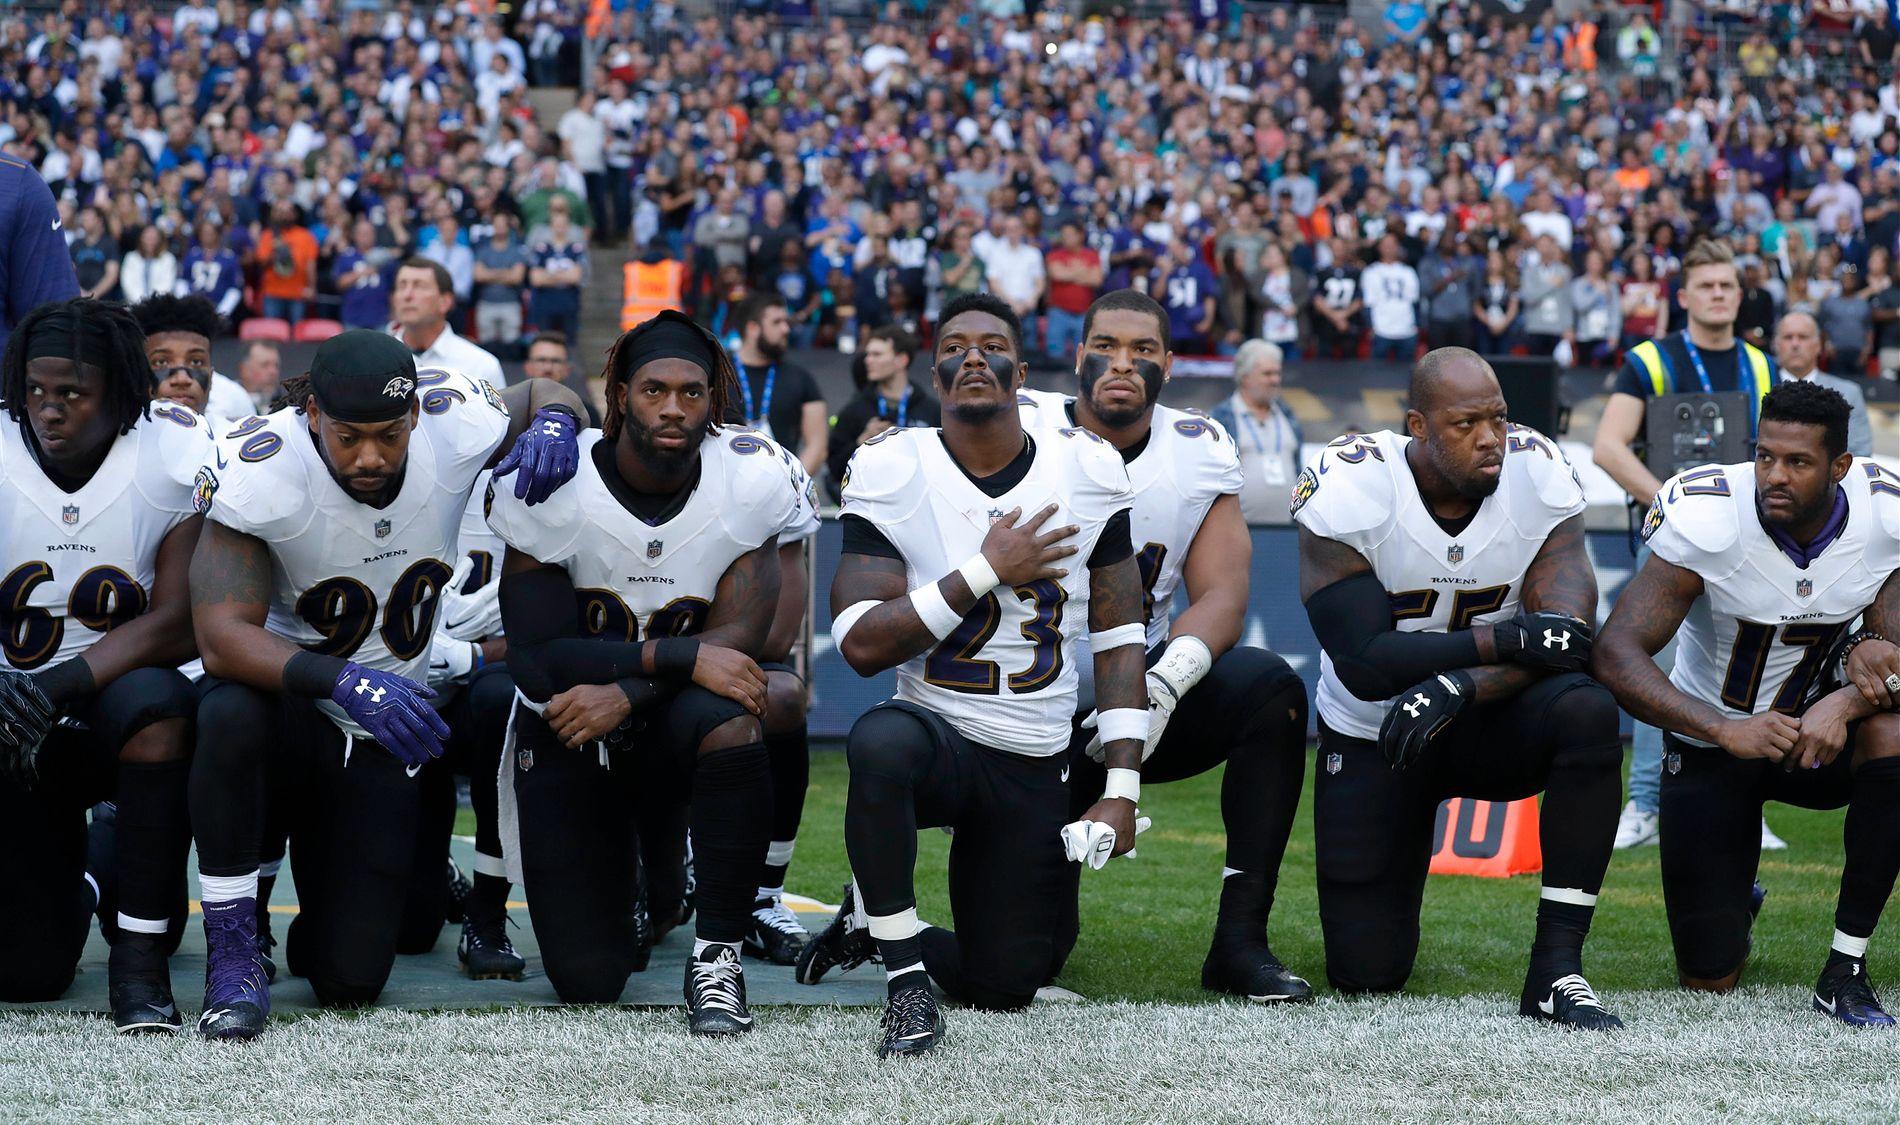 PROTESTERTE SØNDAG: Baltimore Ravens-spillere knelte under fremføringen av den amerikanske nasjonalsangen på Wembley før kampen mot Jacksonville Jaguars. Totalt knelte rundt 25 spillere fra begge lag.